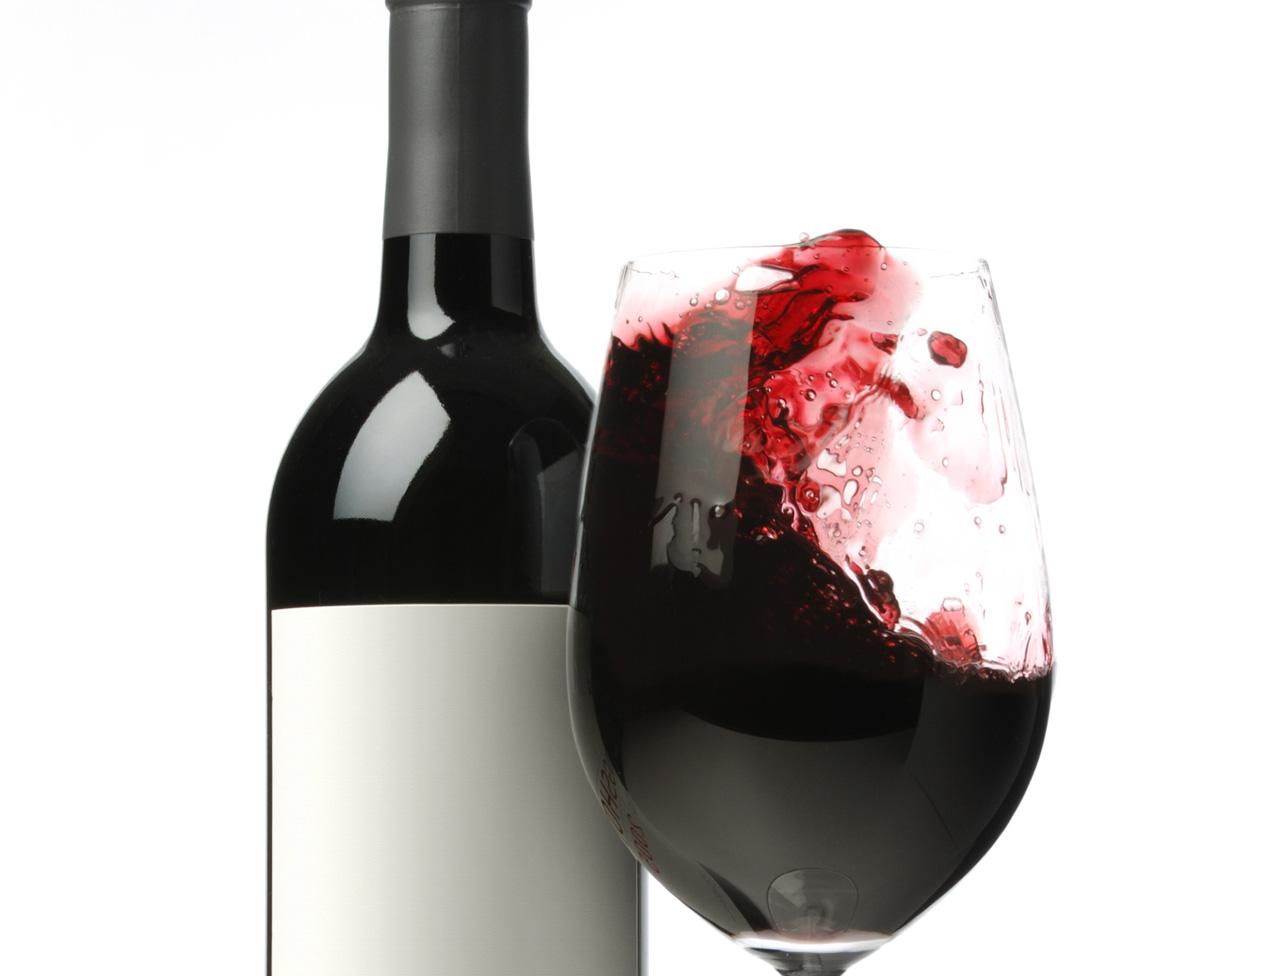 Saint Estephe vin, pourquoi j'aime tant ce breuvage